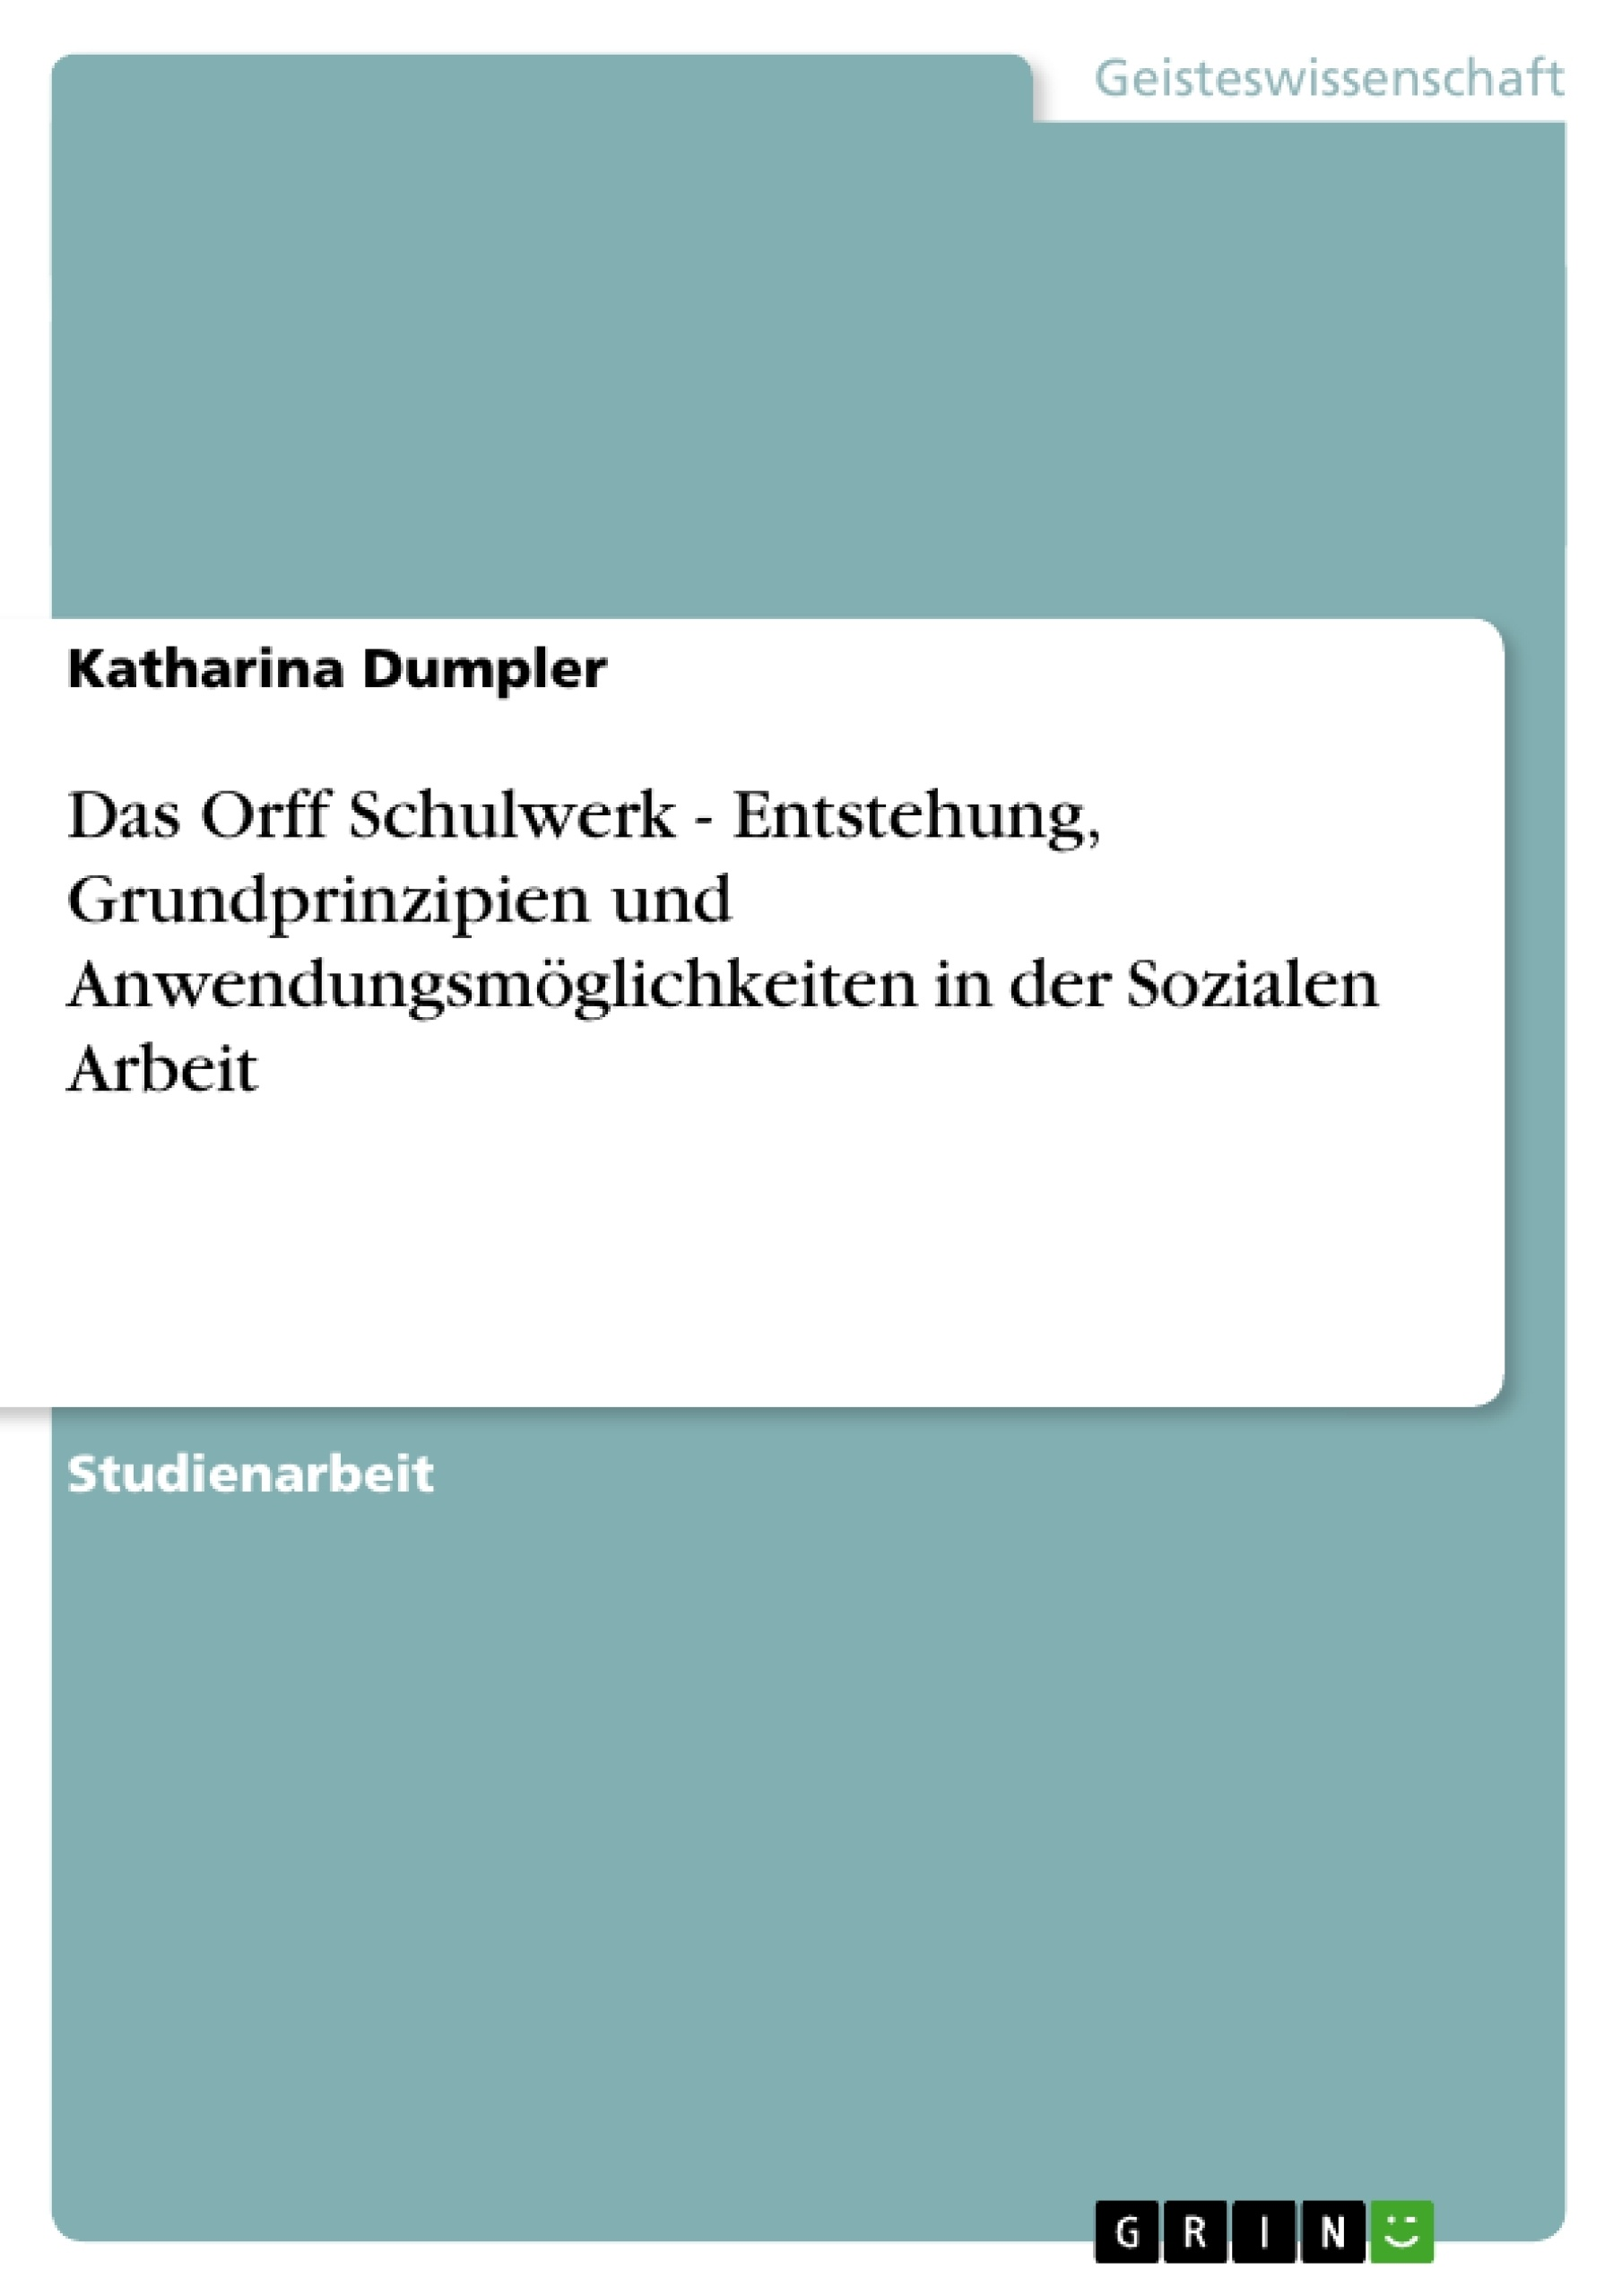 Titel: Das Orff Schulwerk - Entstehung, Grundprinzipien und Anwendungsmöglichkeiten in der Sozialen Arbeit